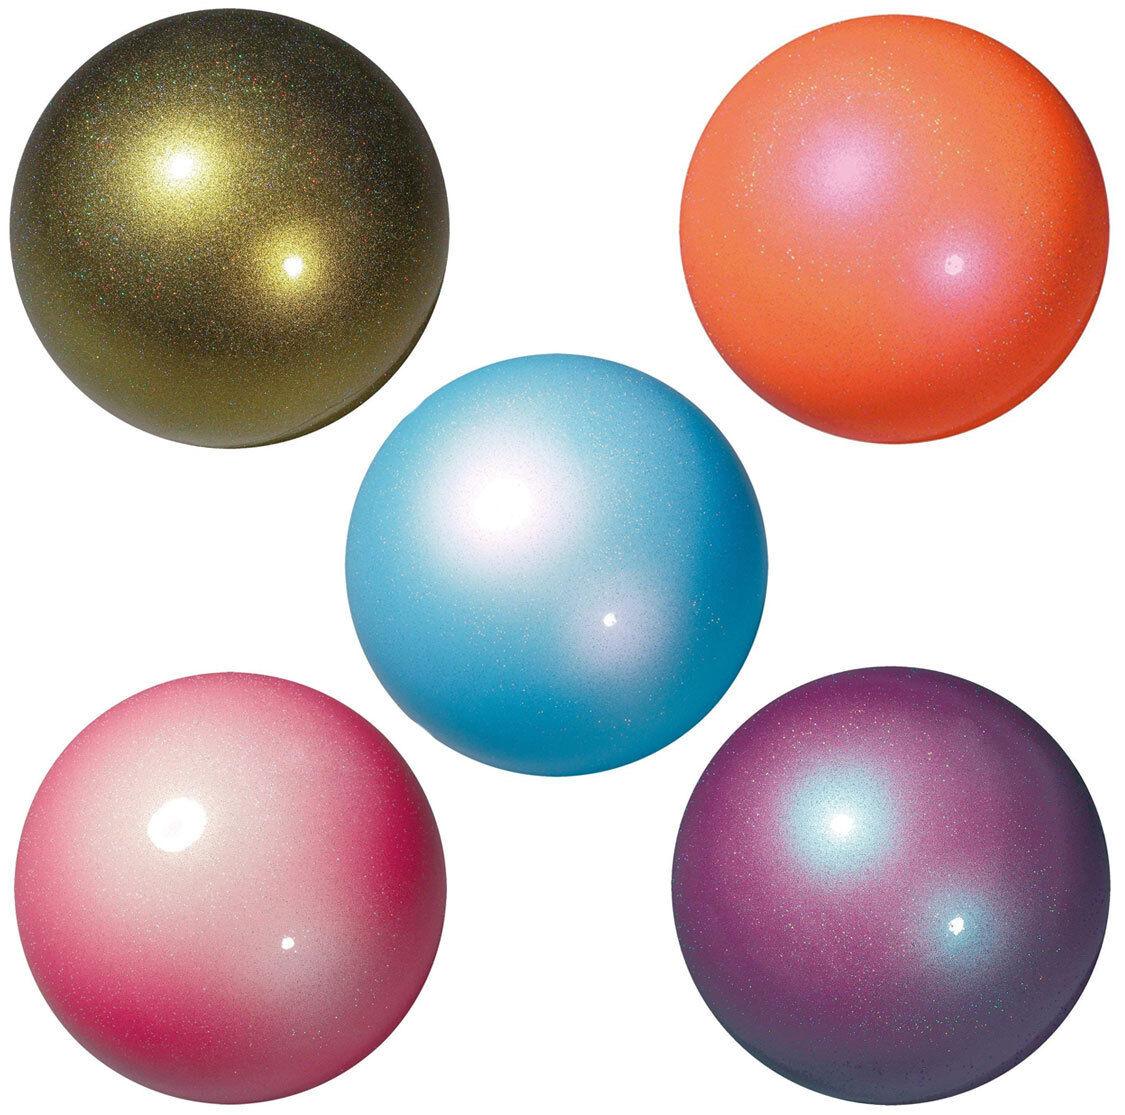 SASAKI  Rhythmic Gymnastics Aurora Ball  M-207AU-F  FIG Certified Product  online cheap